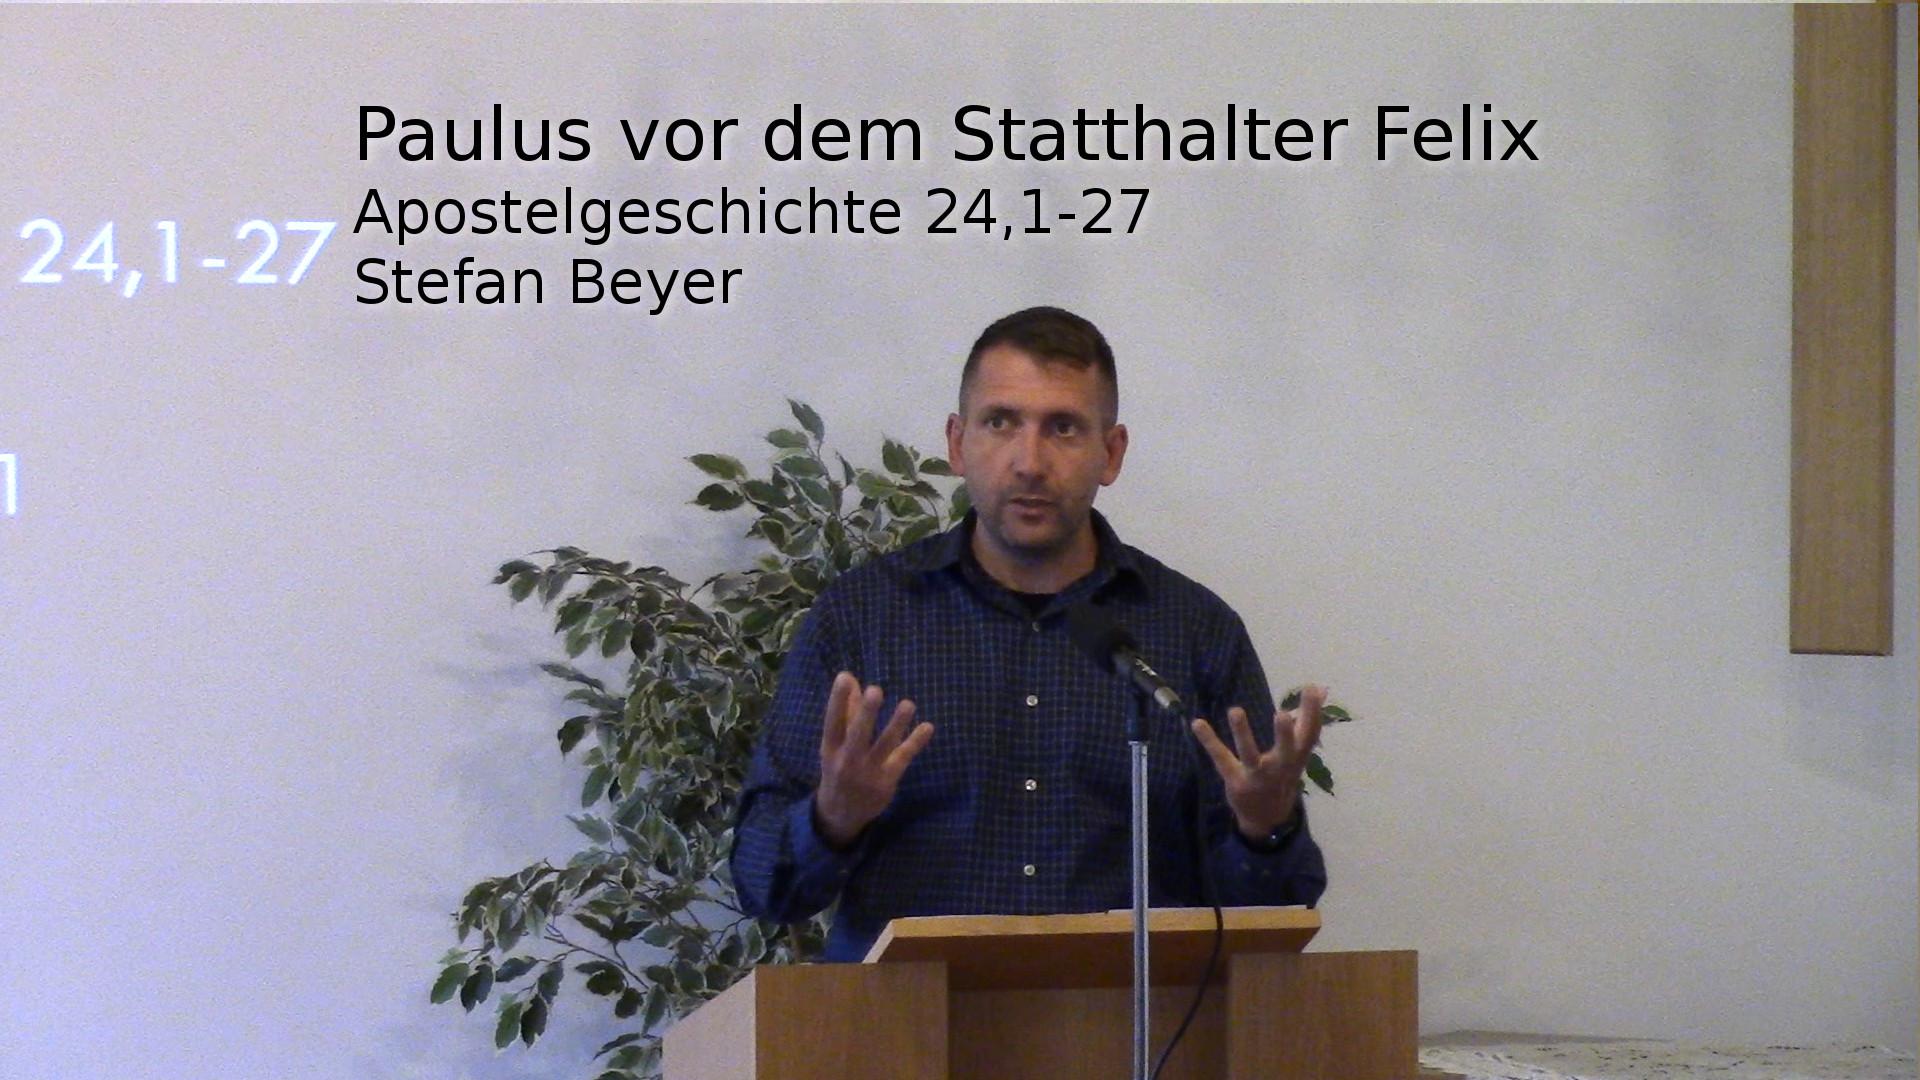 Paulus vor dem Statthalter Felix